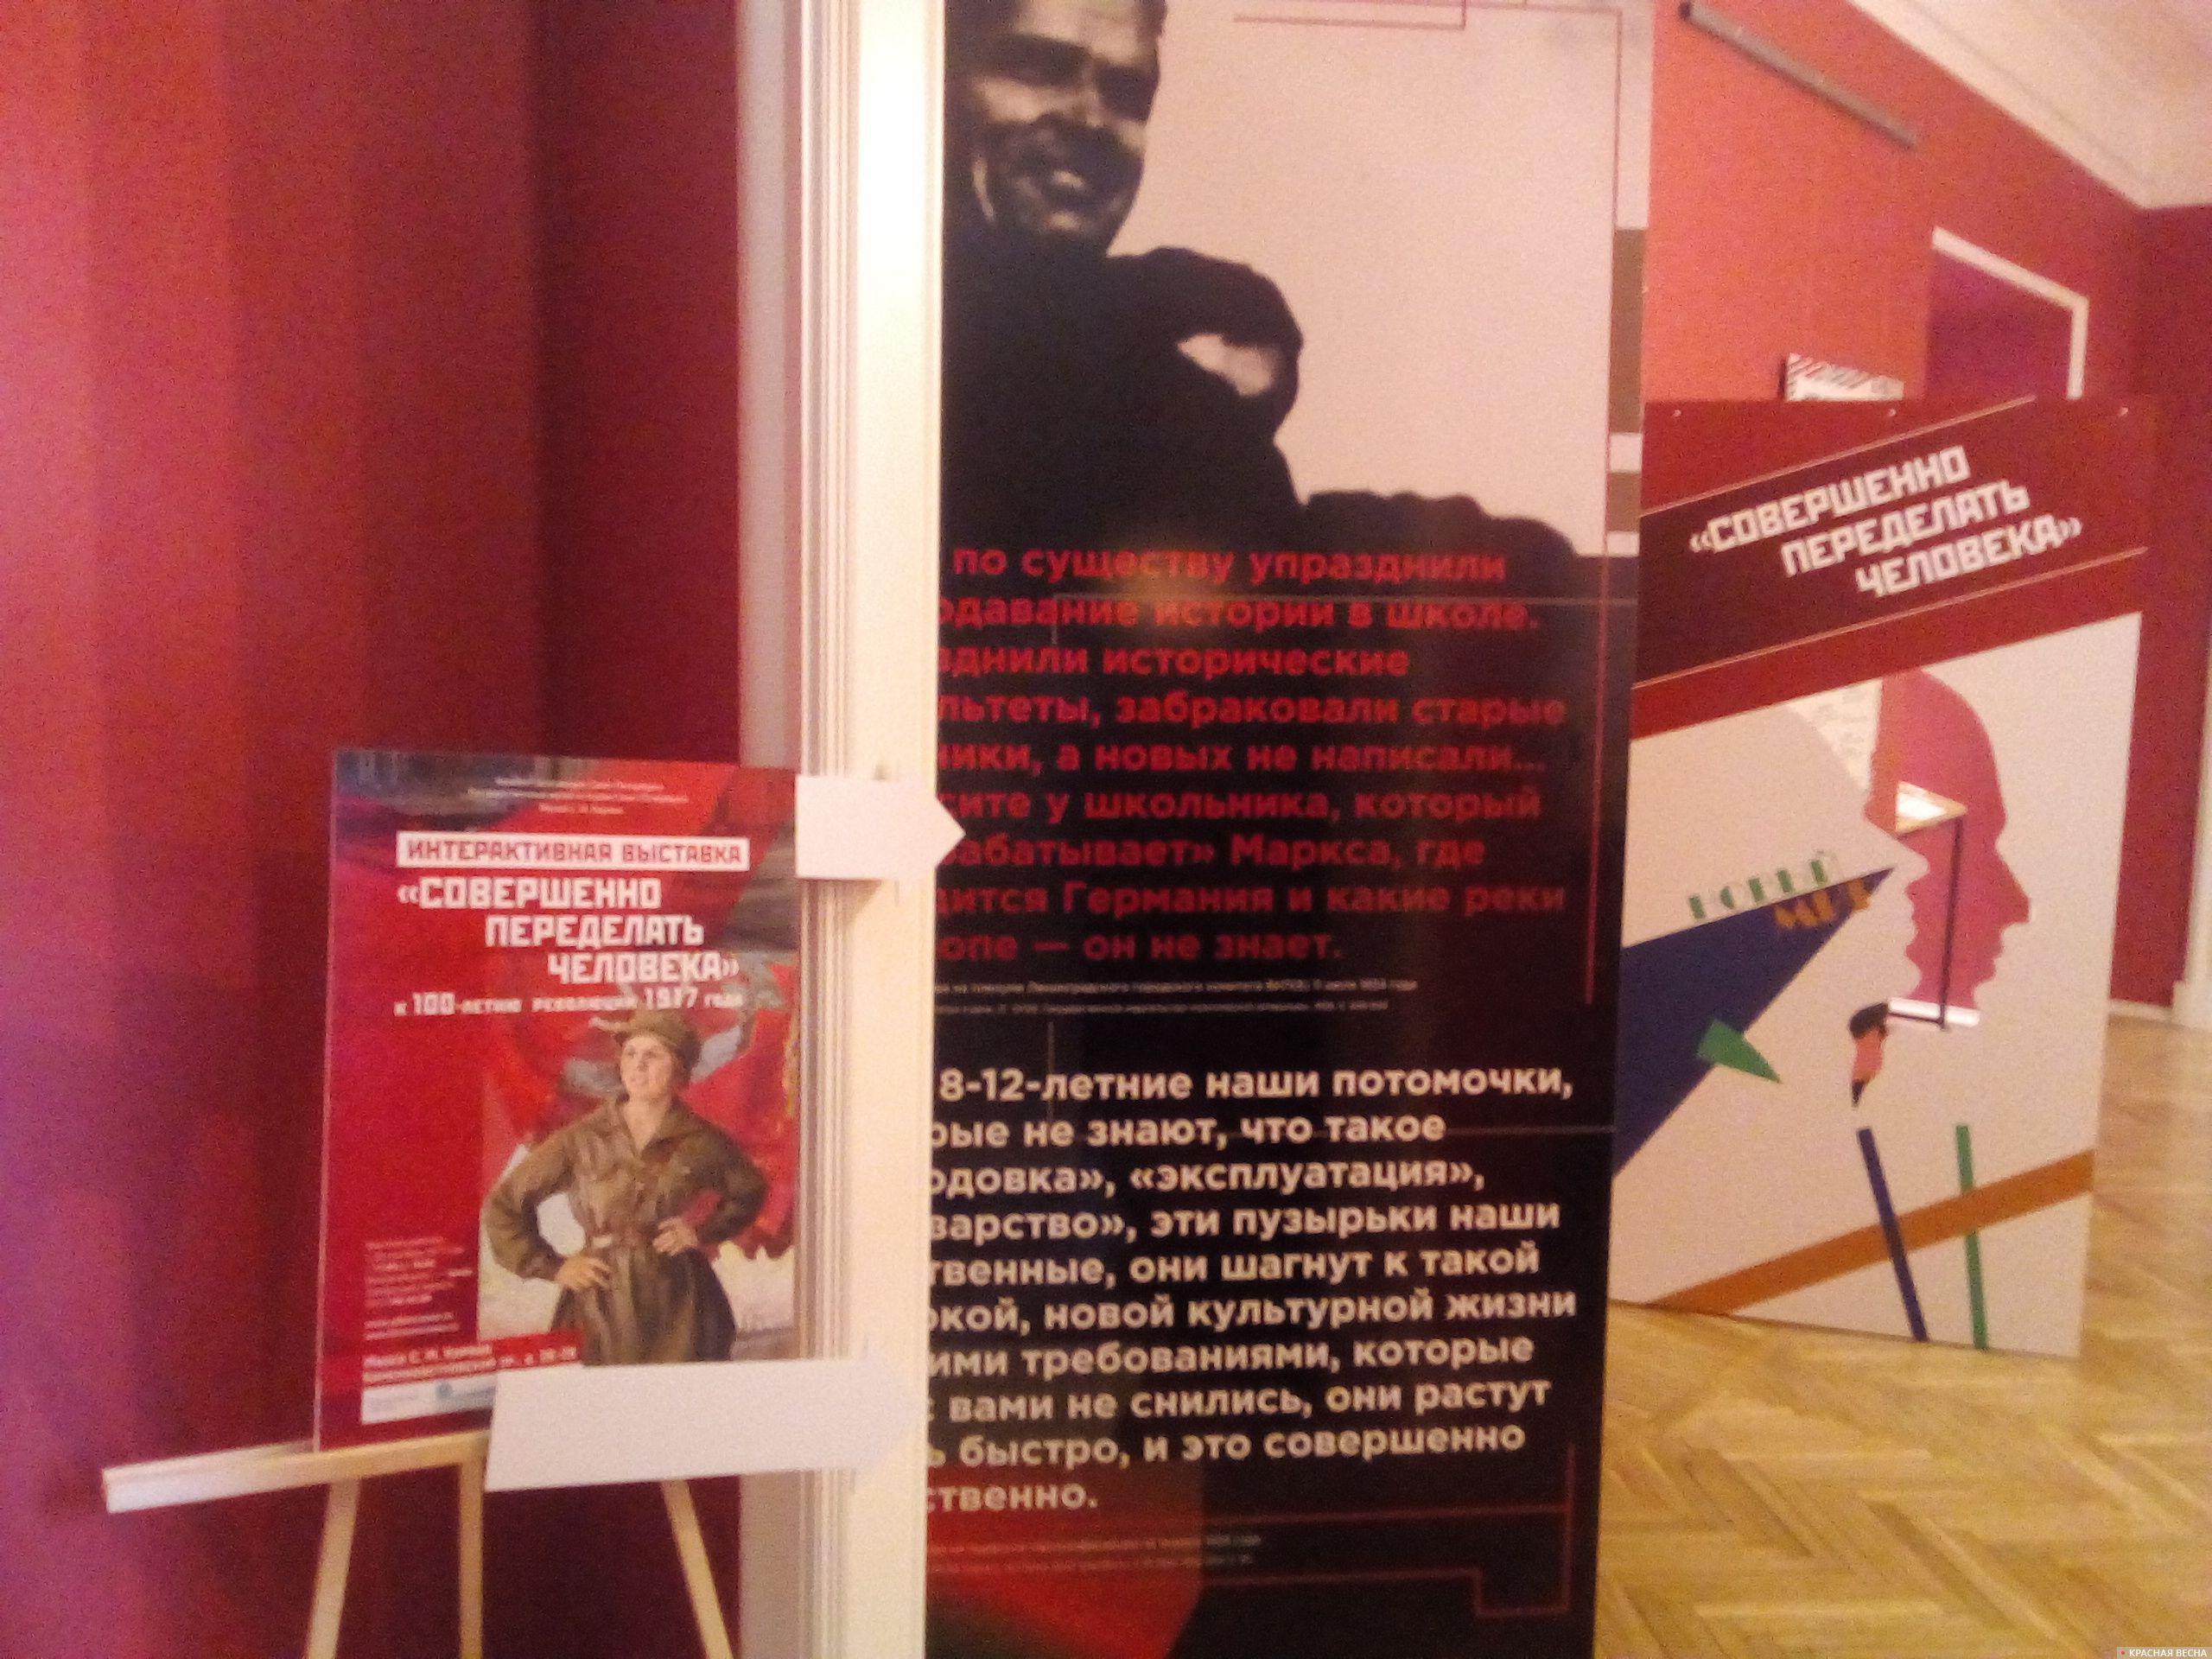 Выставка Совершенно переделать человека. Санкт-Петербург Сергей Татарчук © ИА Красная Весна